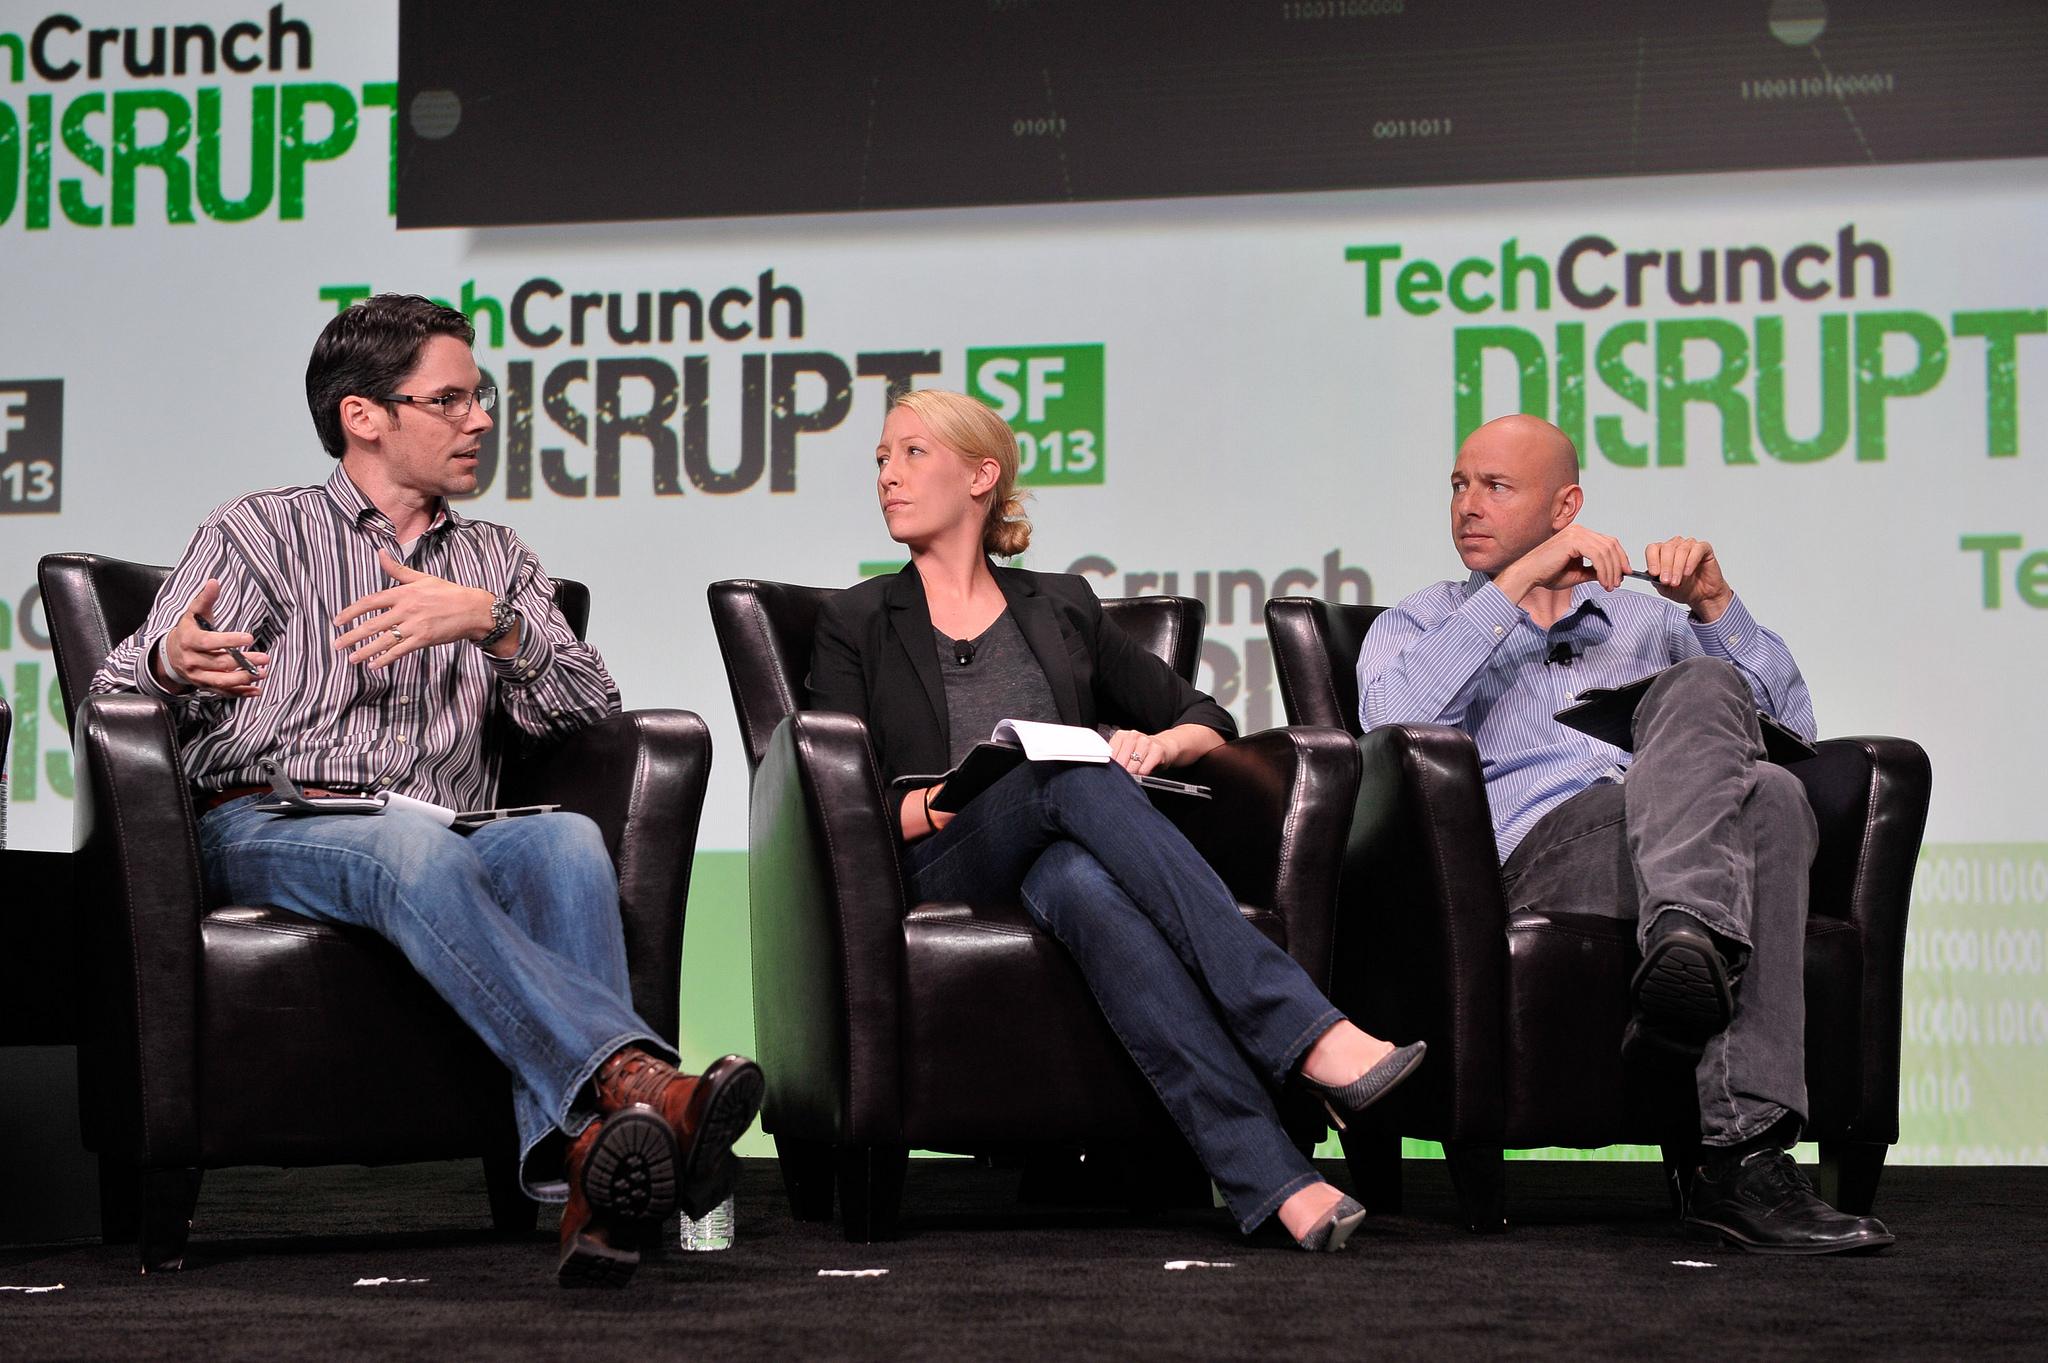 GV's Rick Klau on stage at TechCrunch Disrupt San Francisco on September 9, 2013.